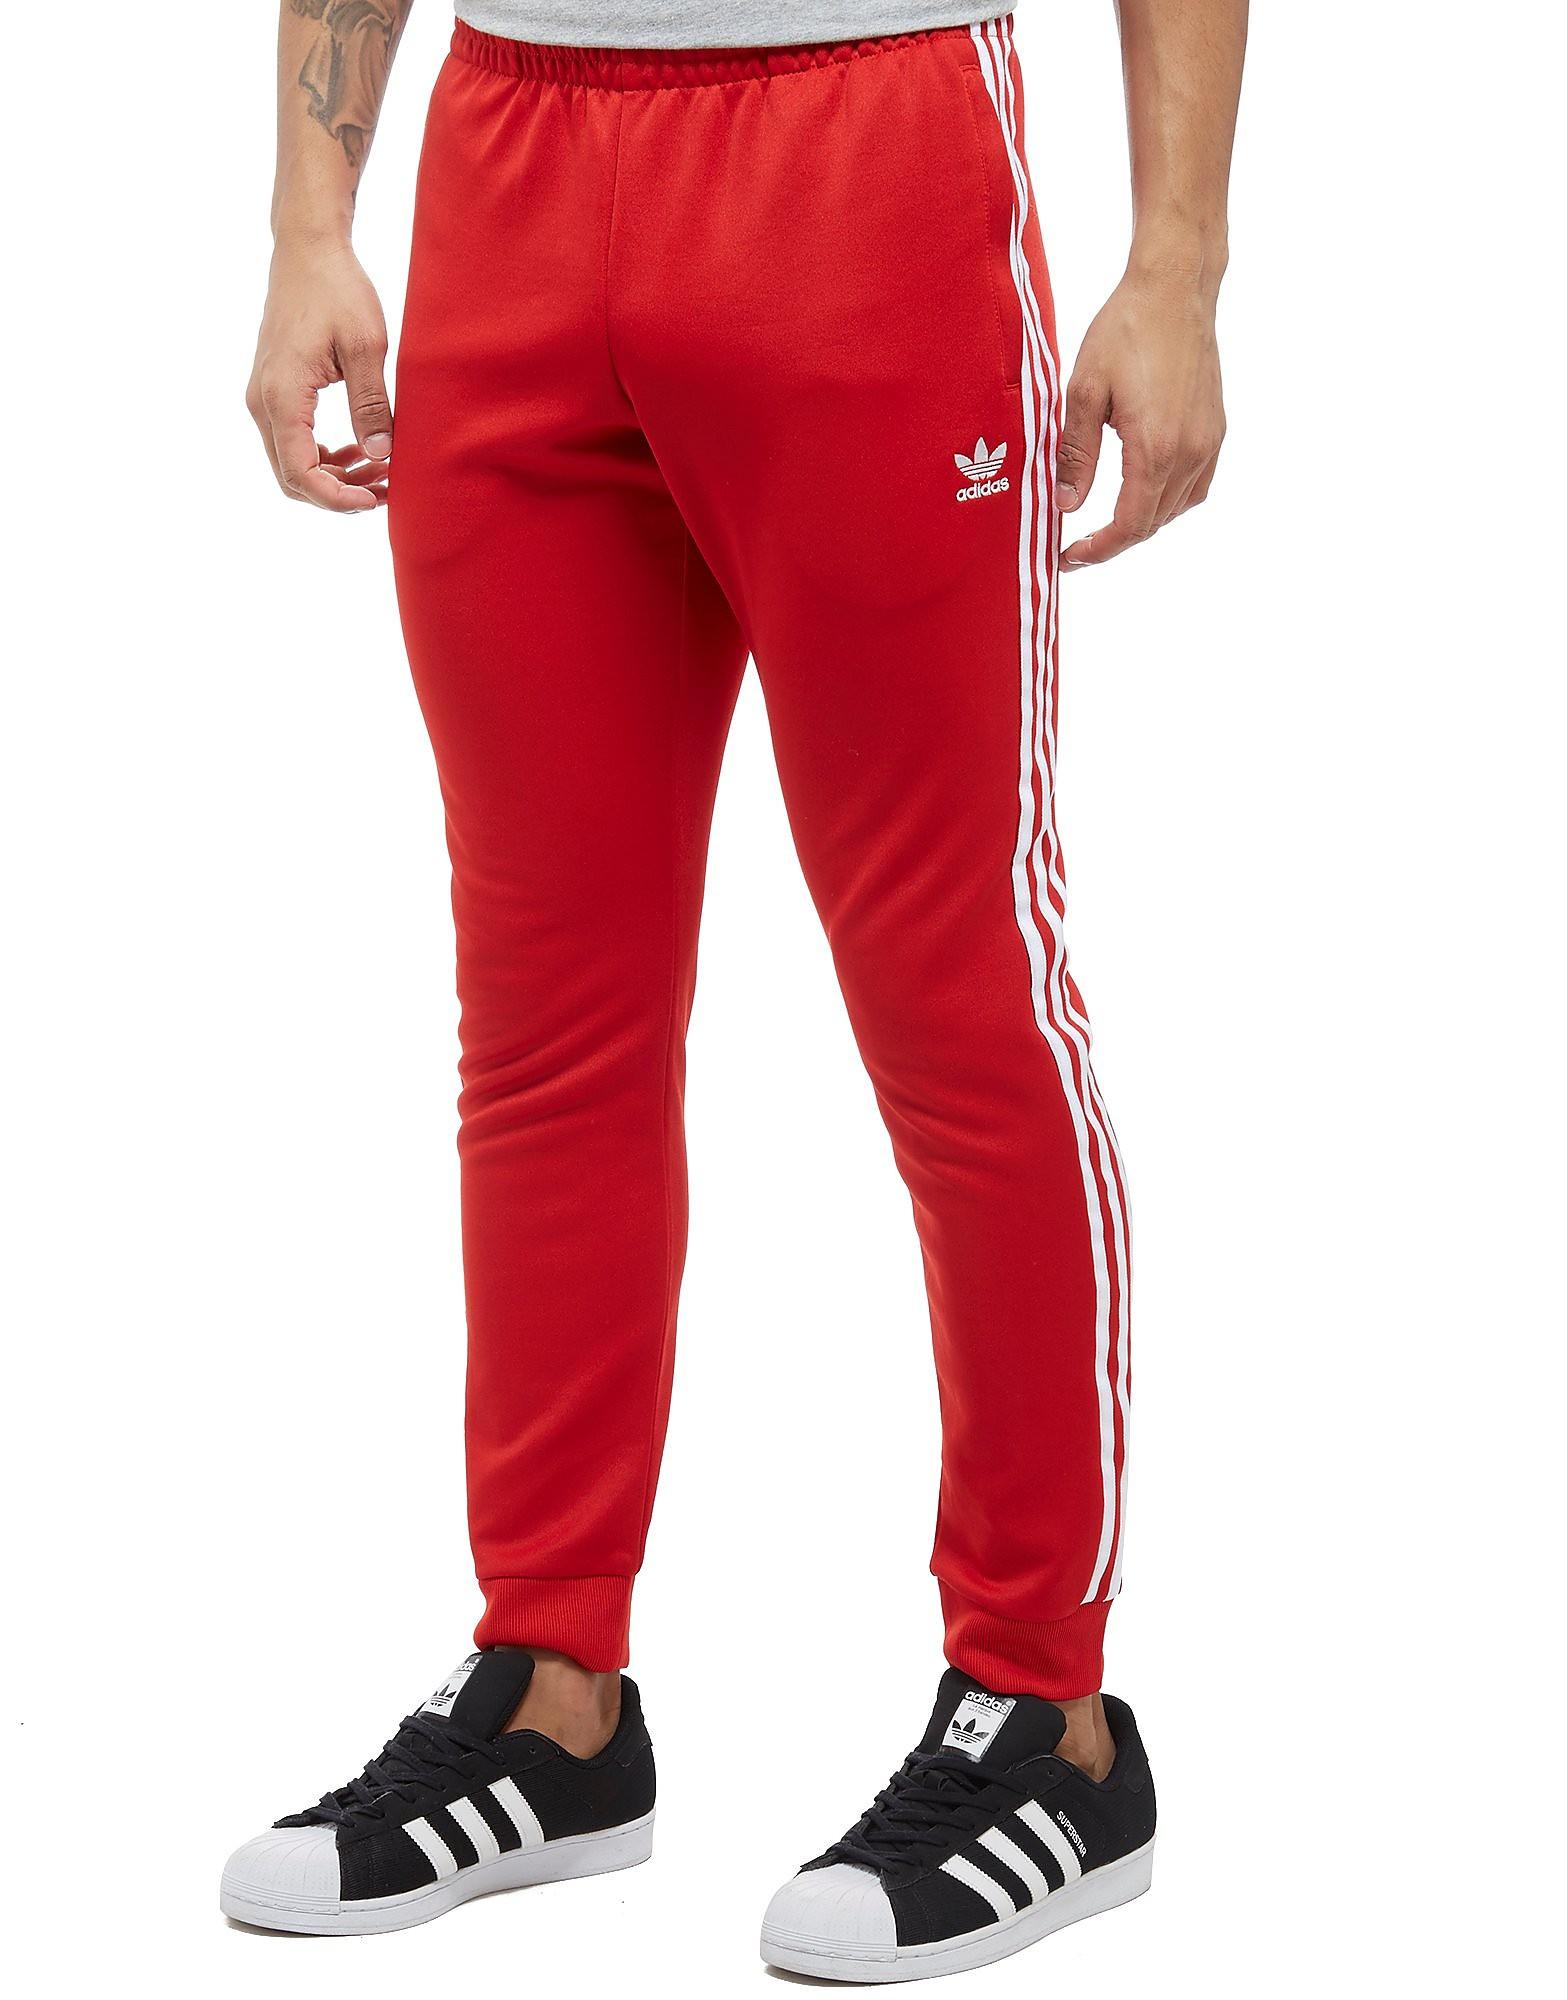 adidas Originals Superstar Pantaloni Sportivi